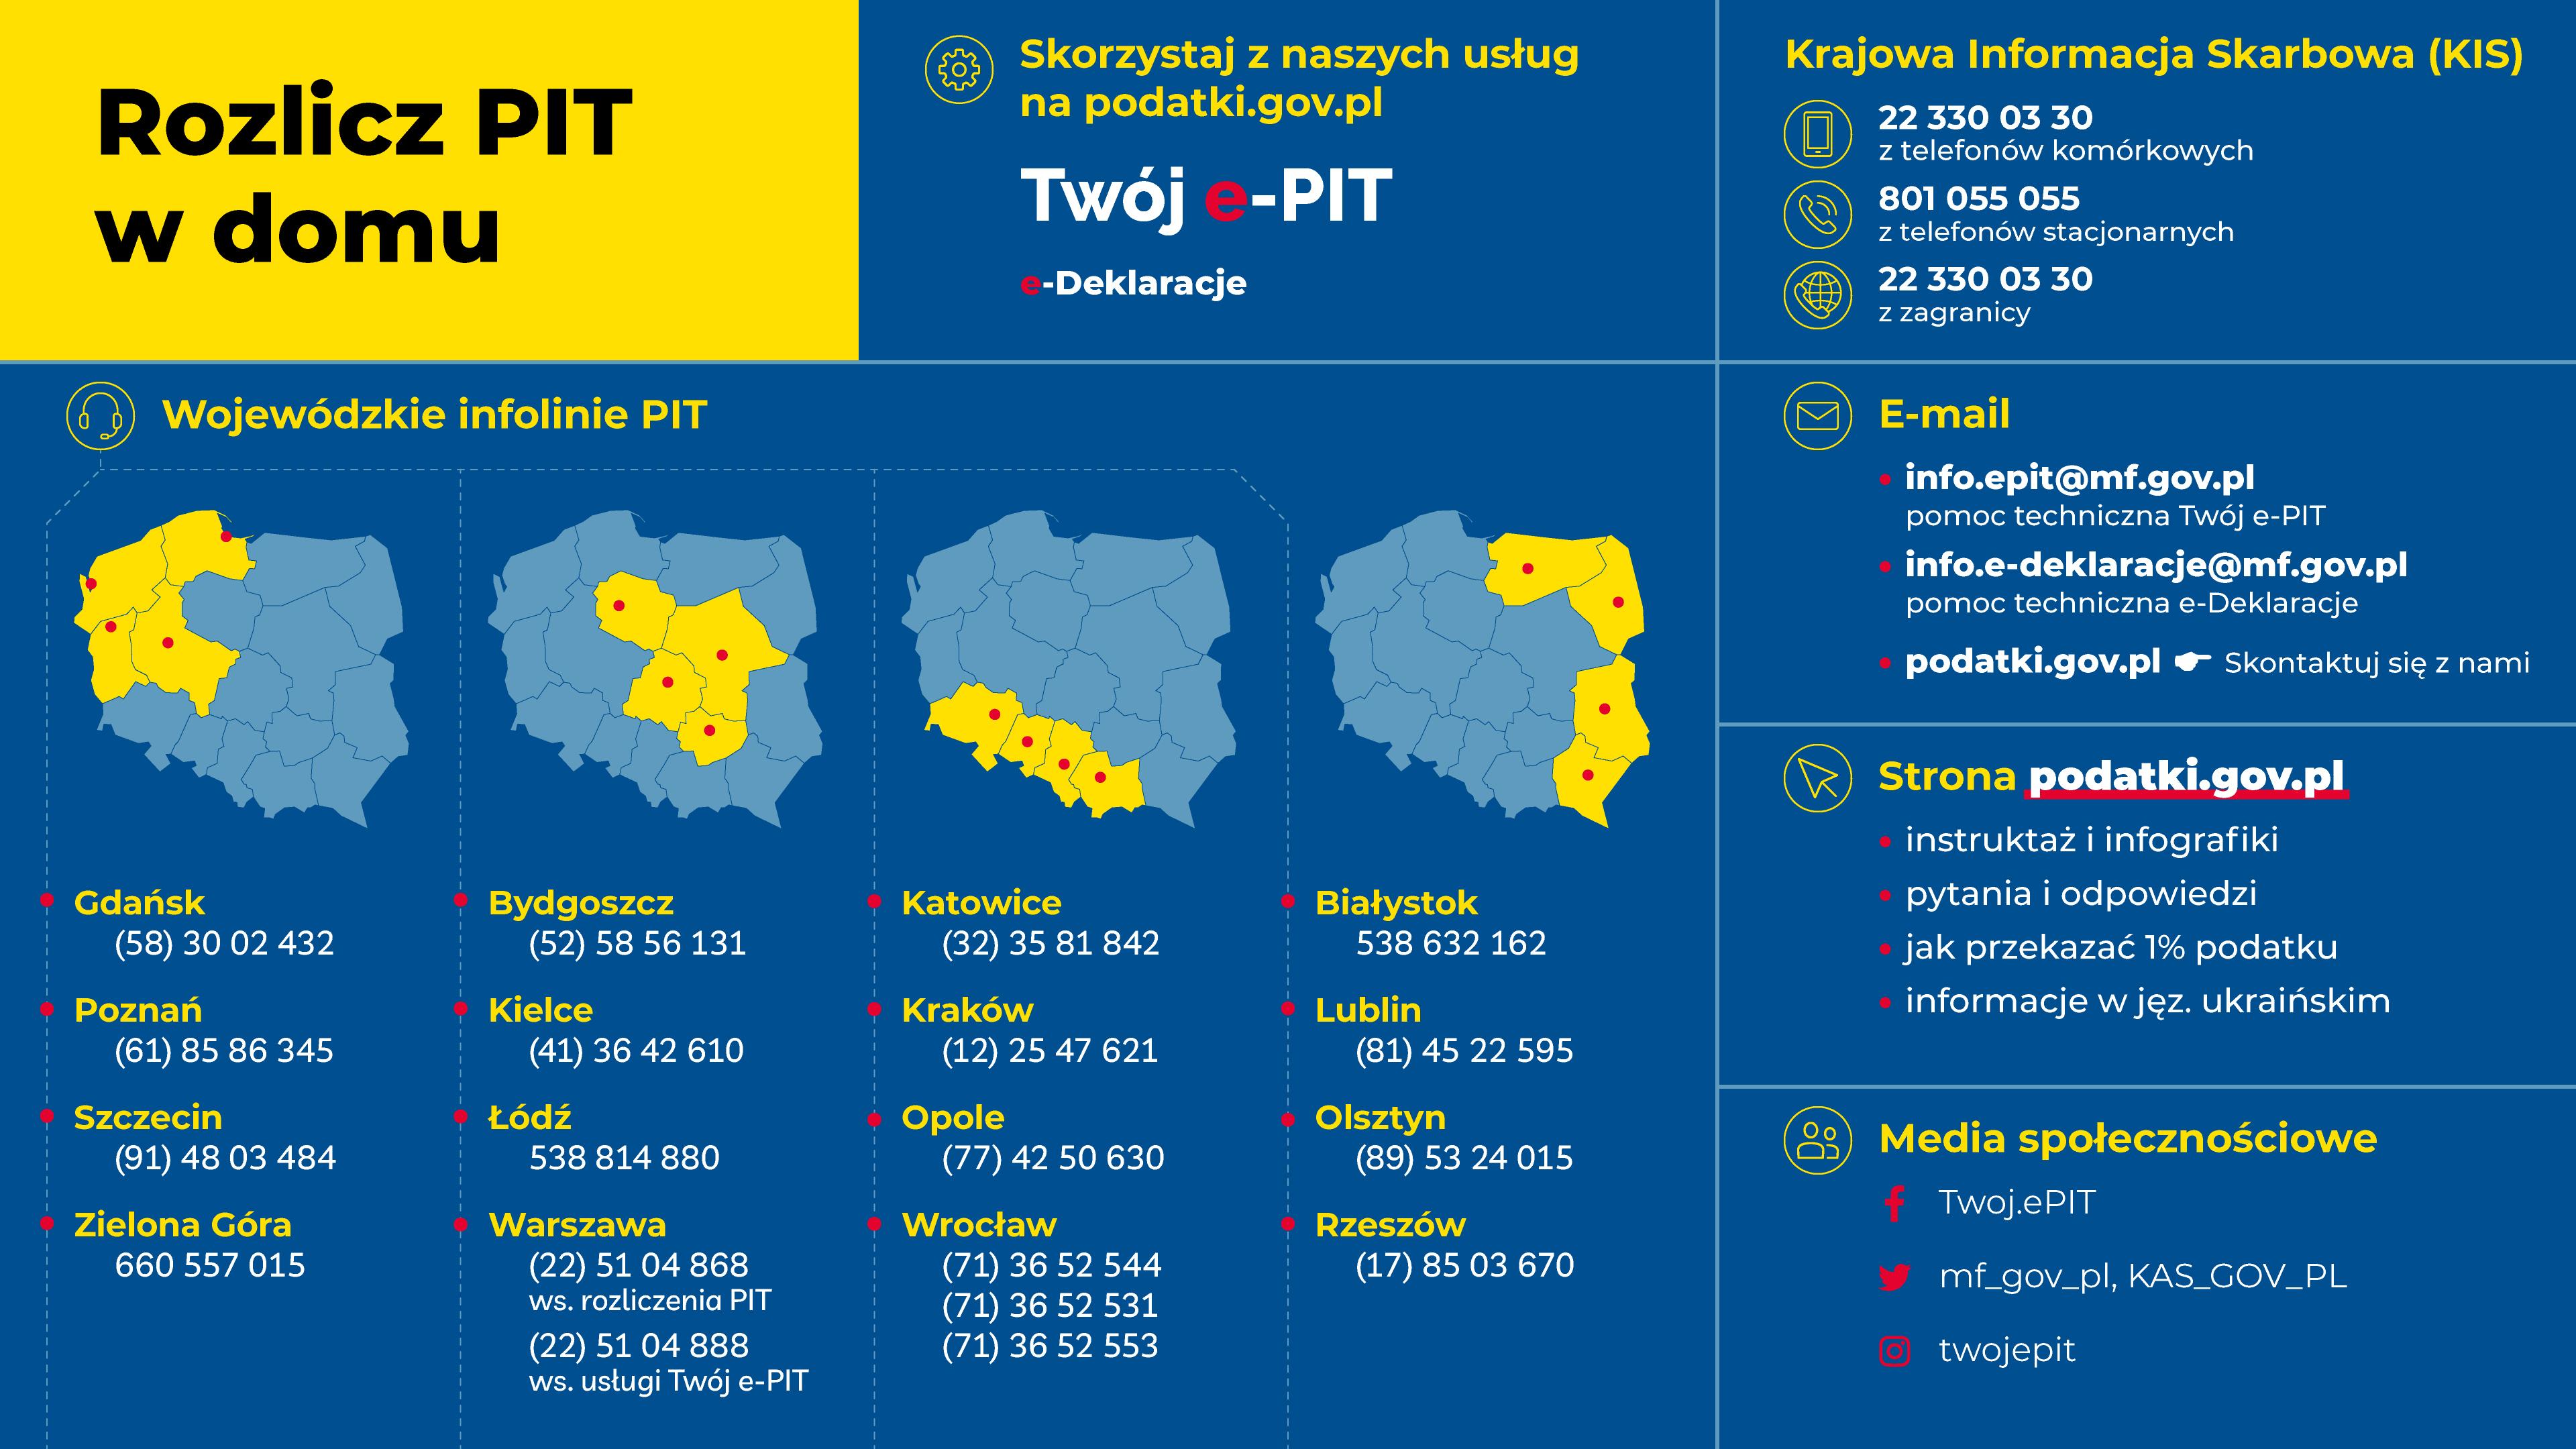 Infografika zachęcająca do rozliczania PIT w domu. Zachęca do korzystania z usług oferowanych przez MF i KAS na stronie podatki.gov.pl (Twój e-PIT, e-Deklaracje). Oprócz tego znajdują się także numery telefonów do Krajowej Informacji Skarbowej, numery wojewódzkich infolinii PIT. Dane znajdują się w treści artykułu.